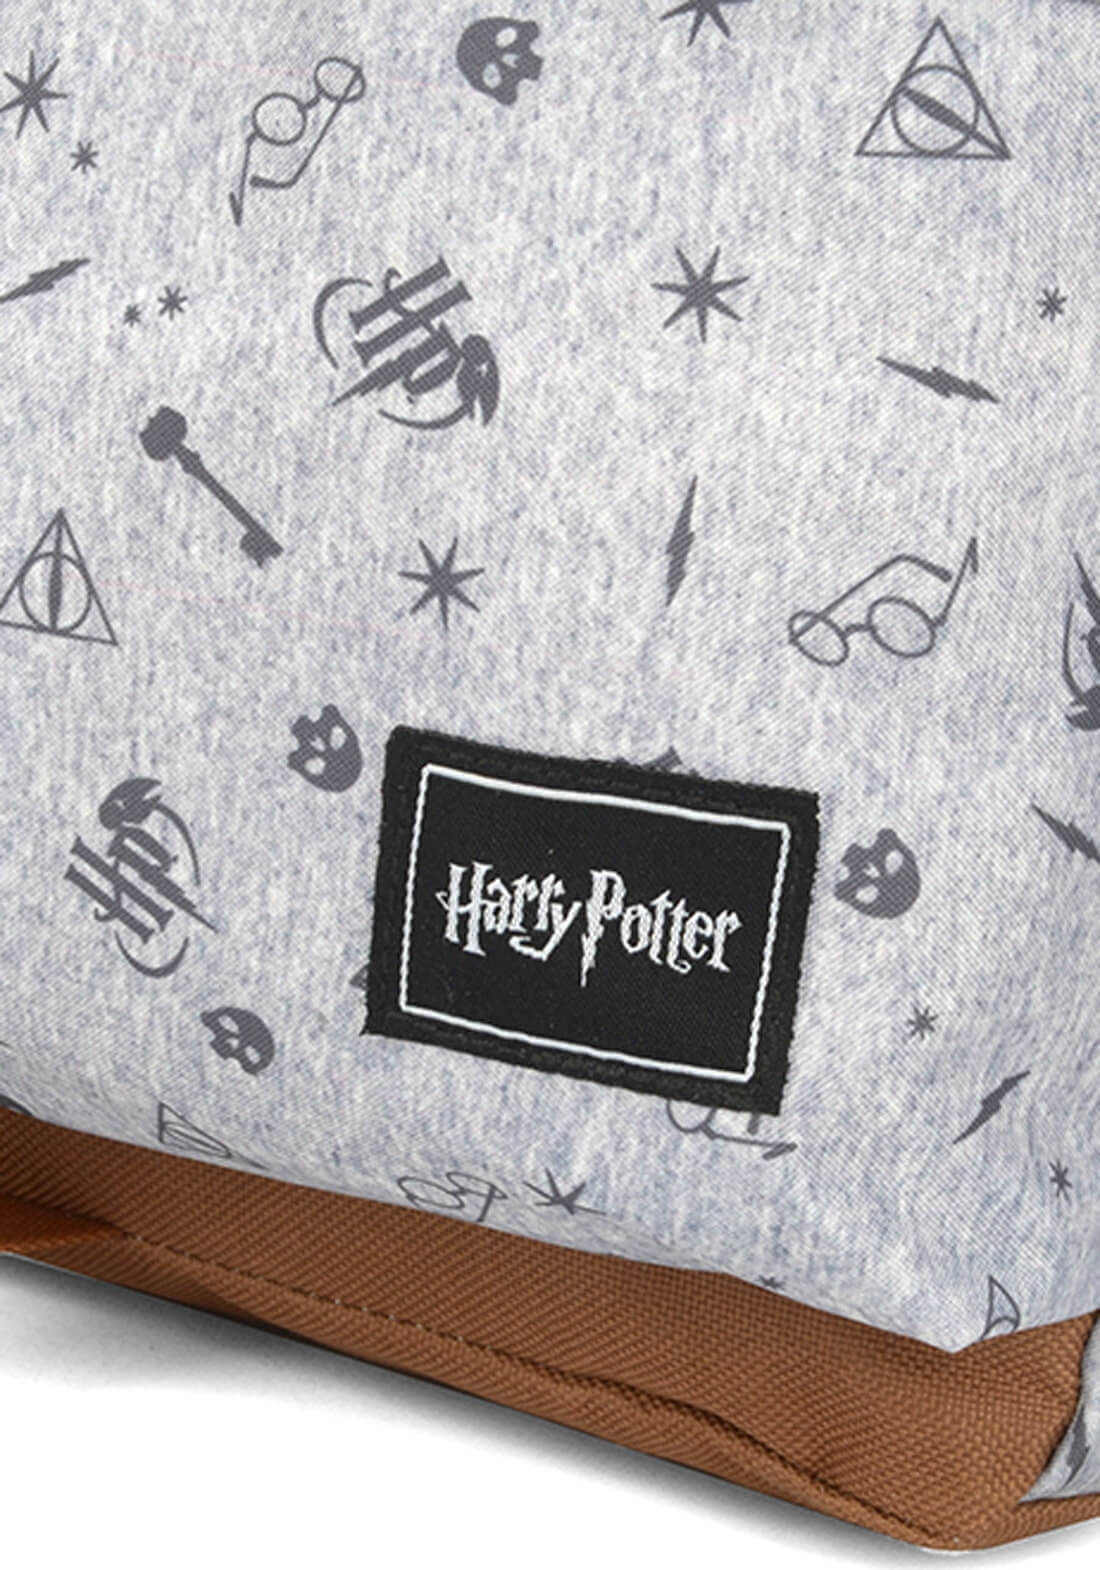 Mochila Harry Potter Símbolos Óculos Relíquias Da Morte Cinz